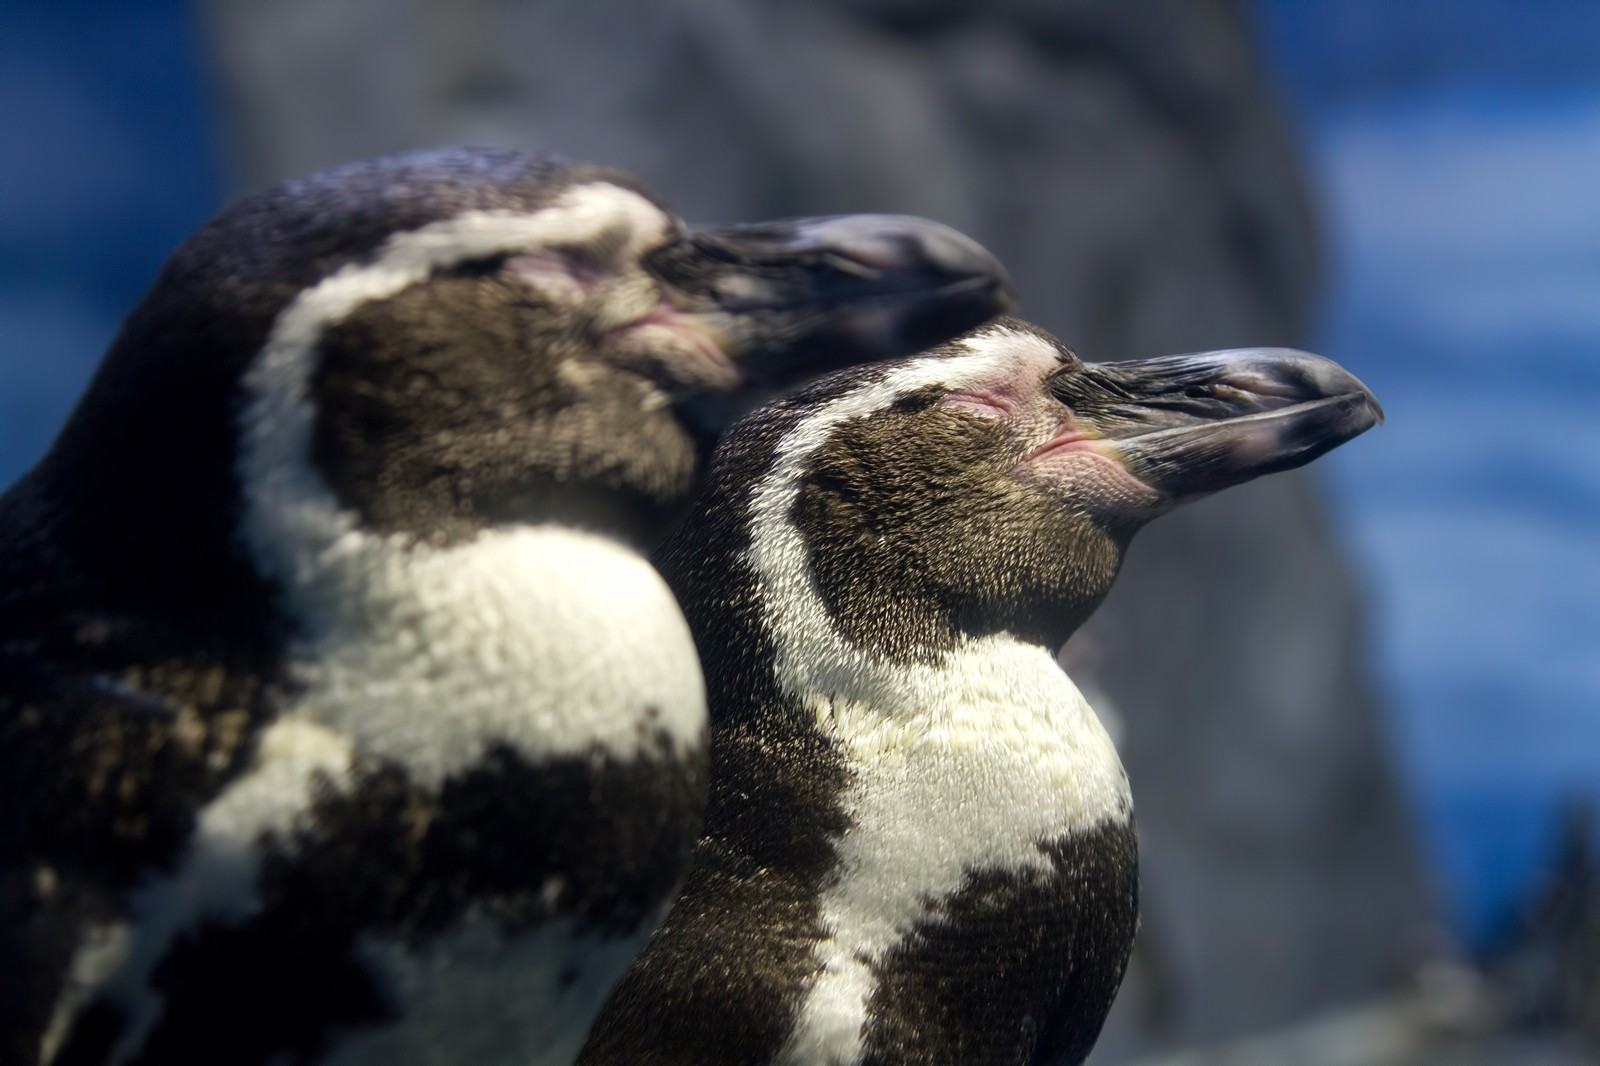 「立ったまま寝ている二匹のペンギン」の写真